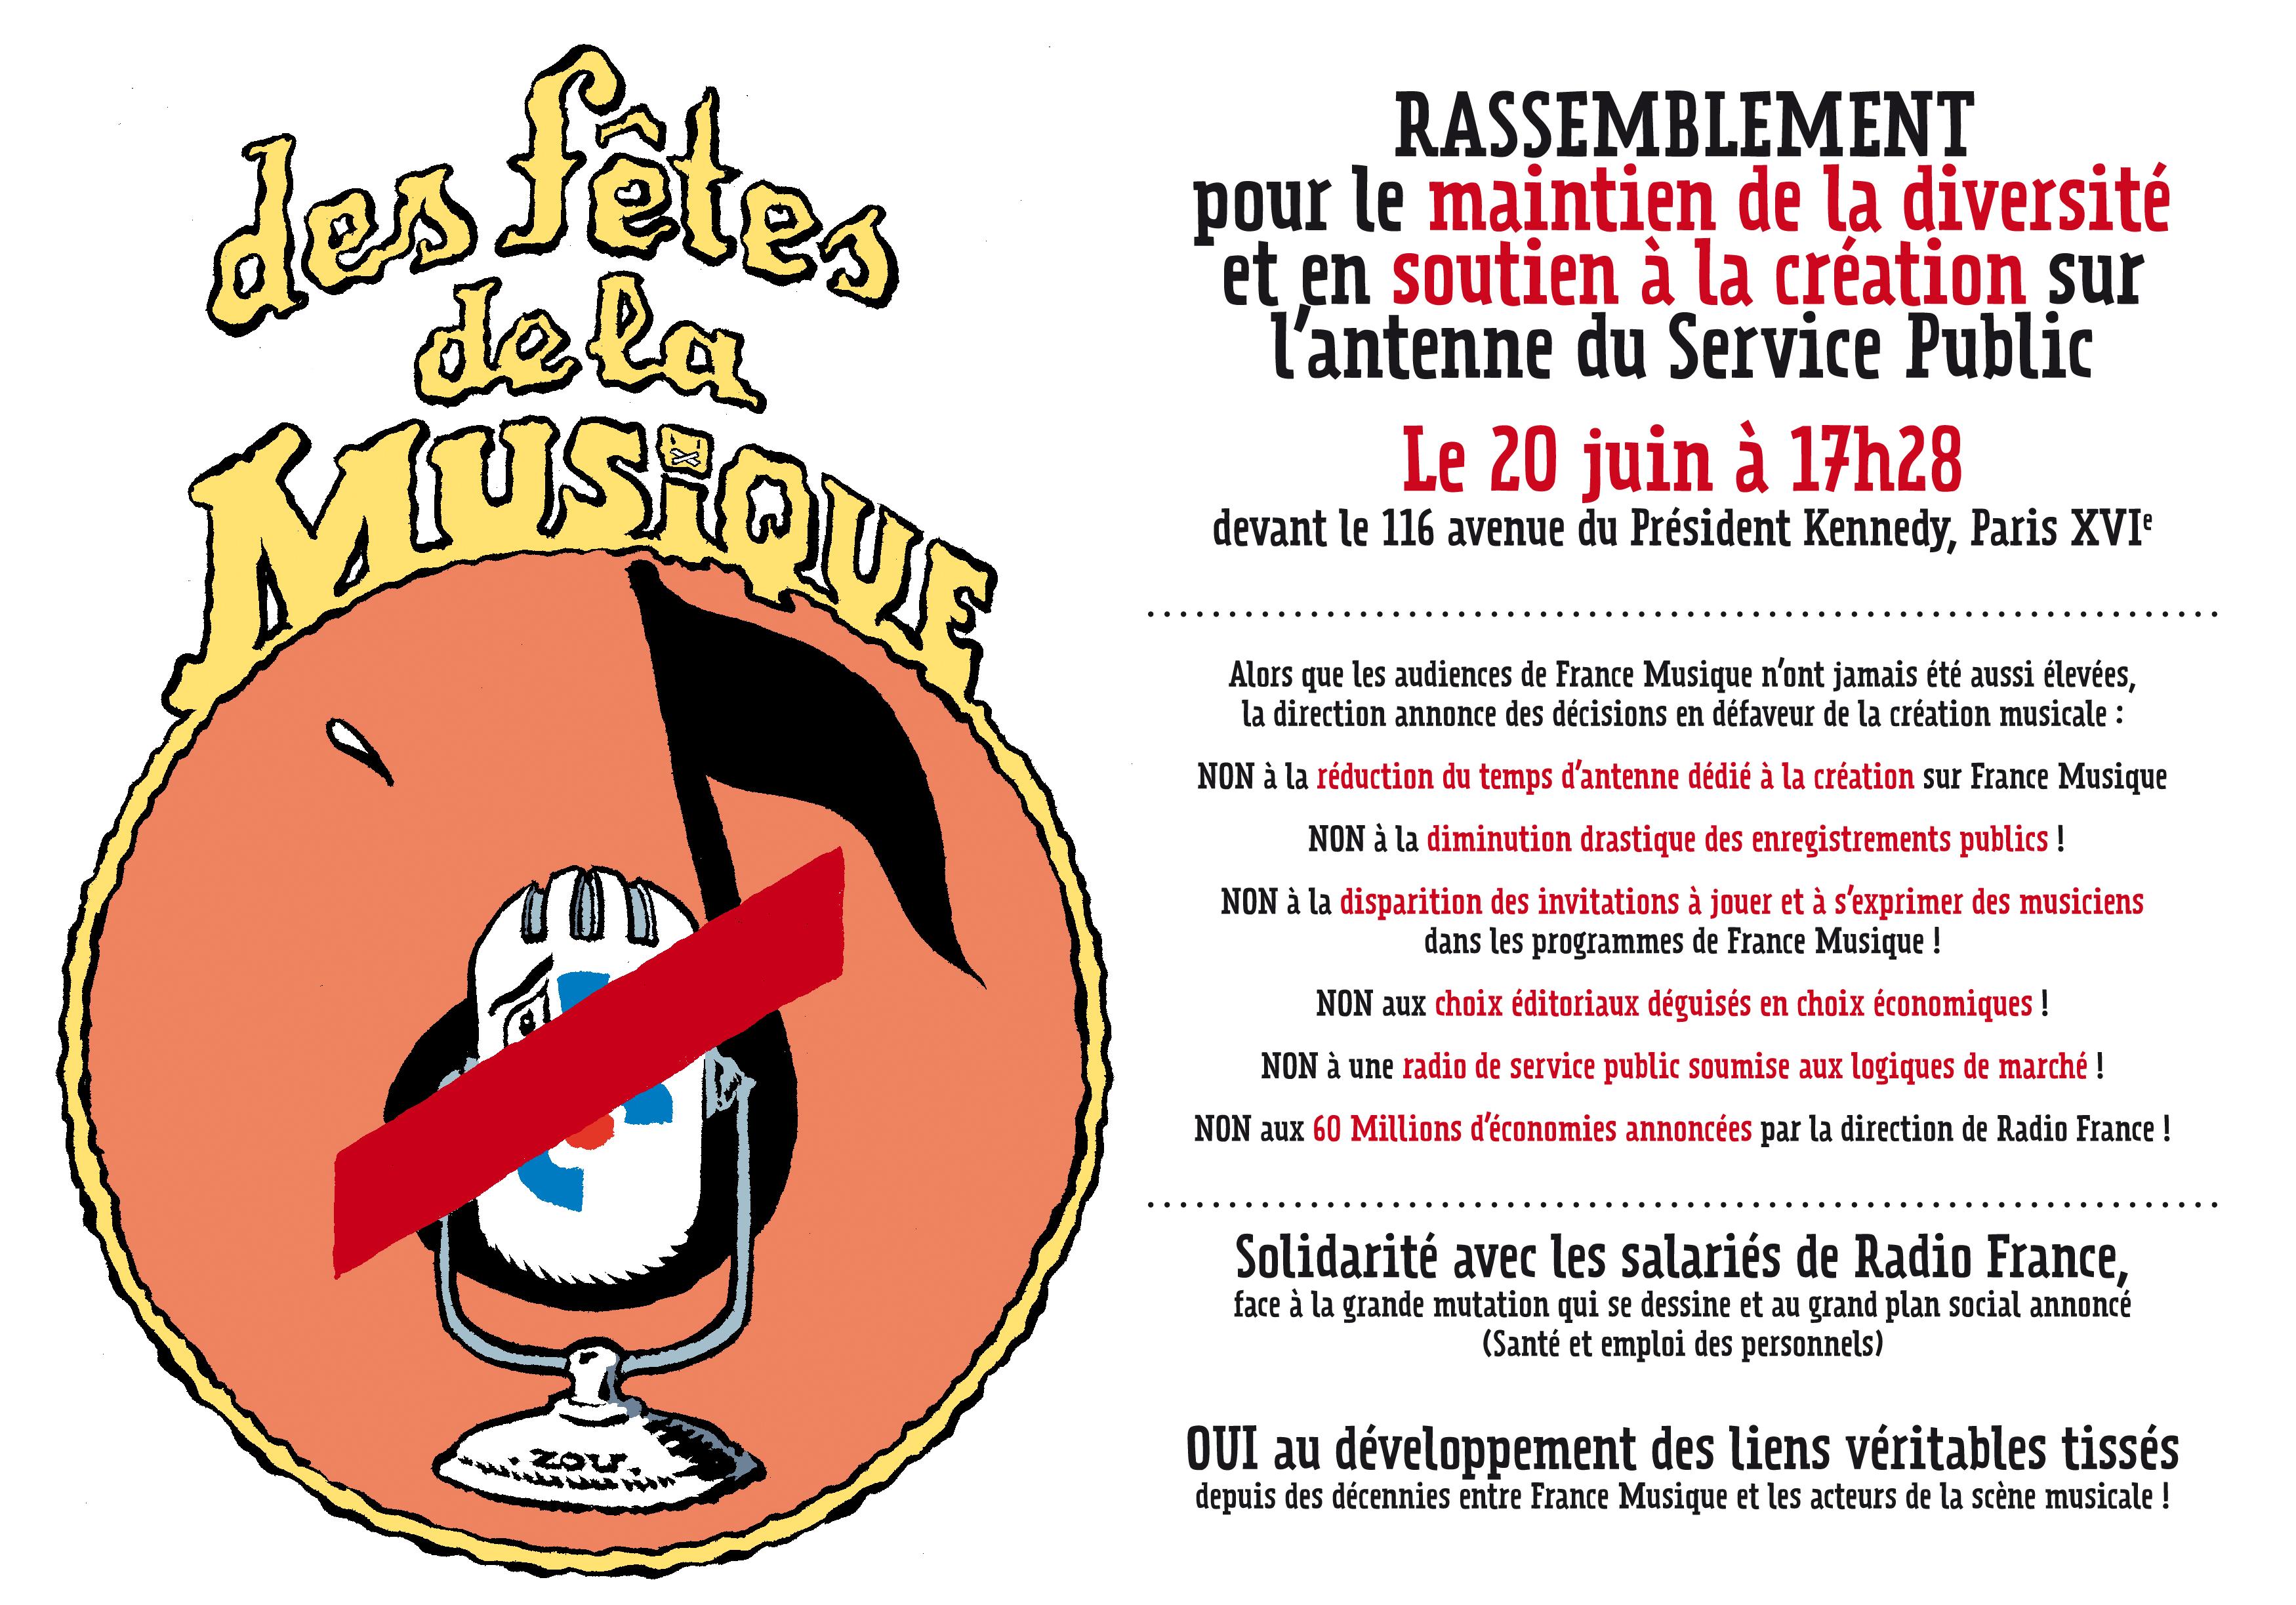 DES FETES DE LA MUSIQUE 20 JUIN Rassemblement pour le maintien de la diversité et en soutien à la création sur l'antenne du Service Public